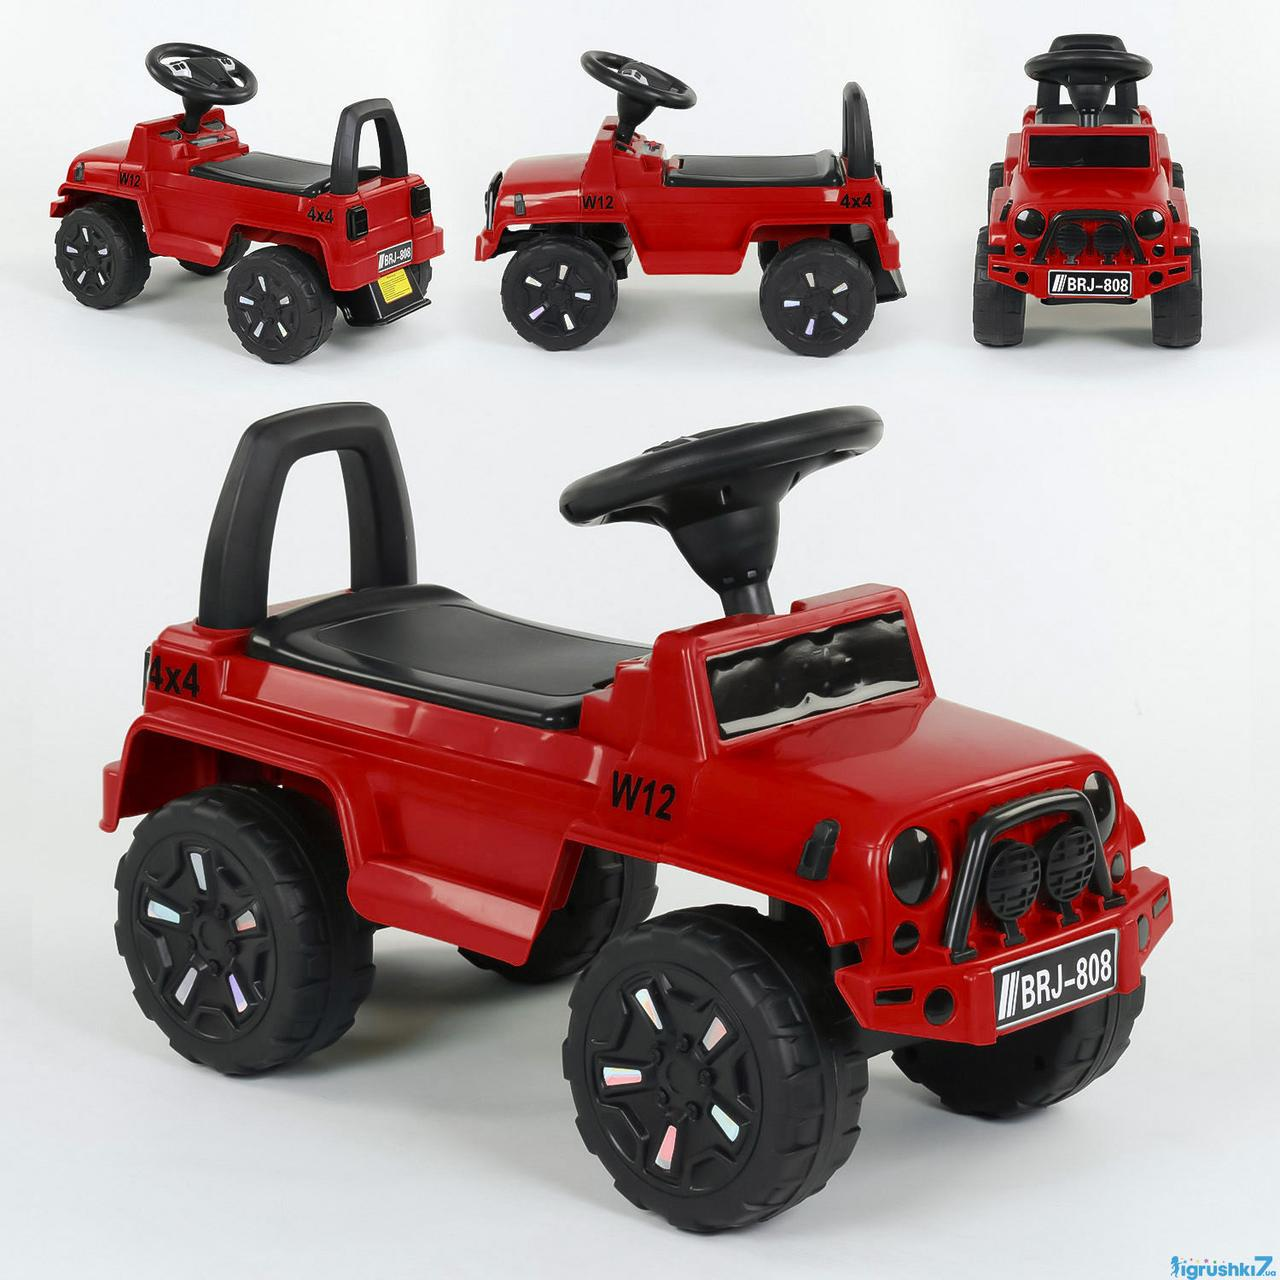 Машина-Толокар 808 G-8207 JOY червона, світло, звук, багажник